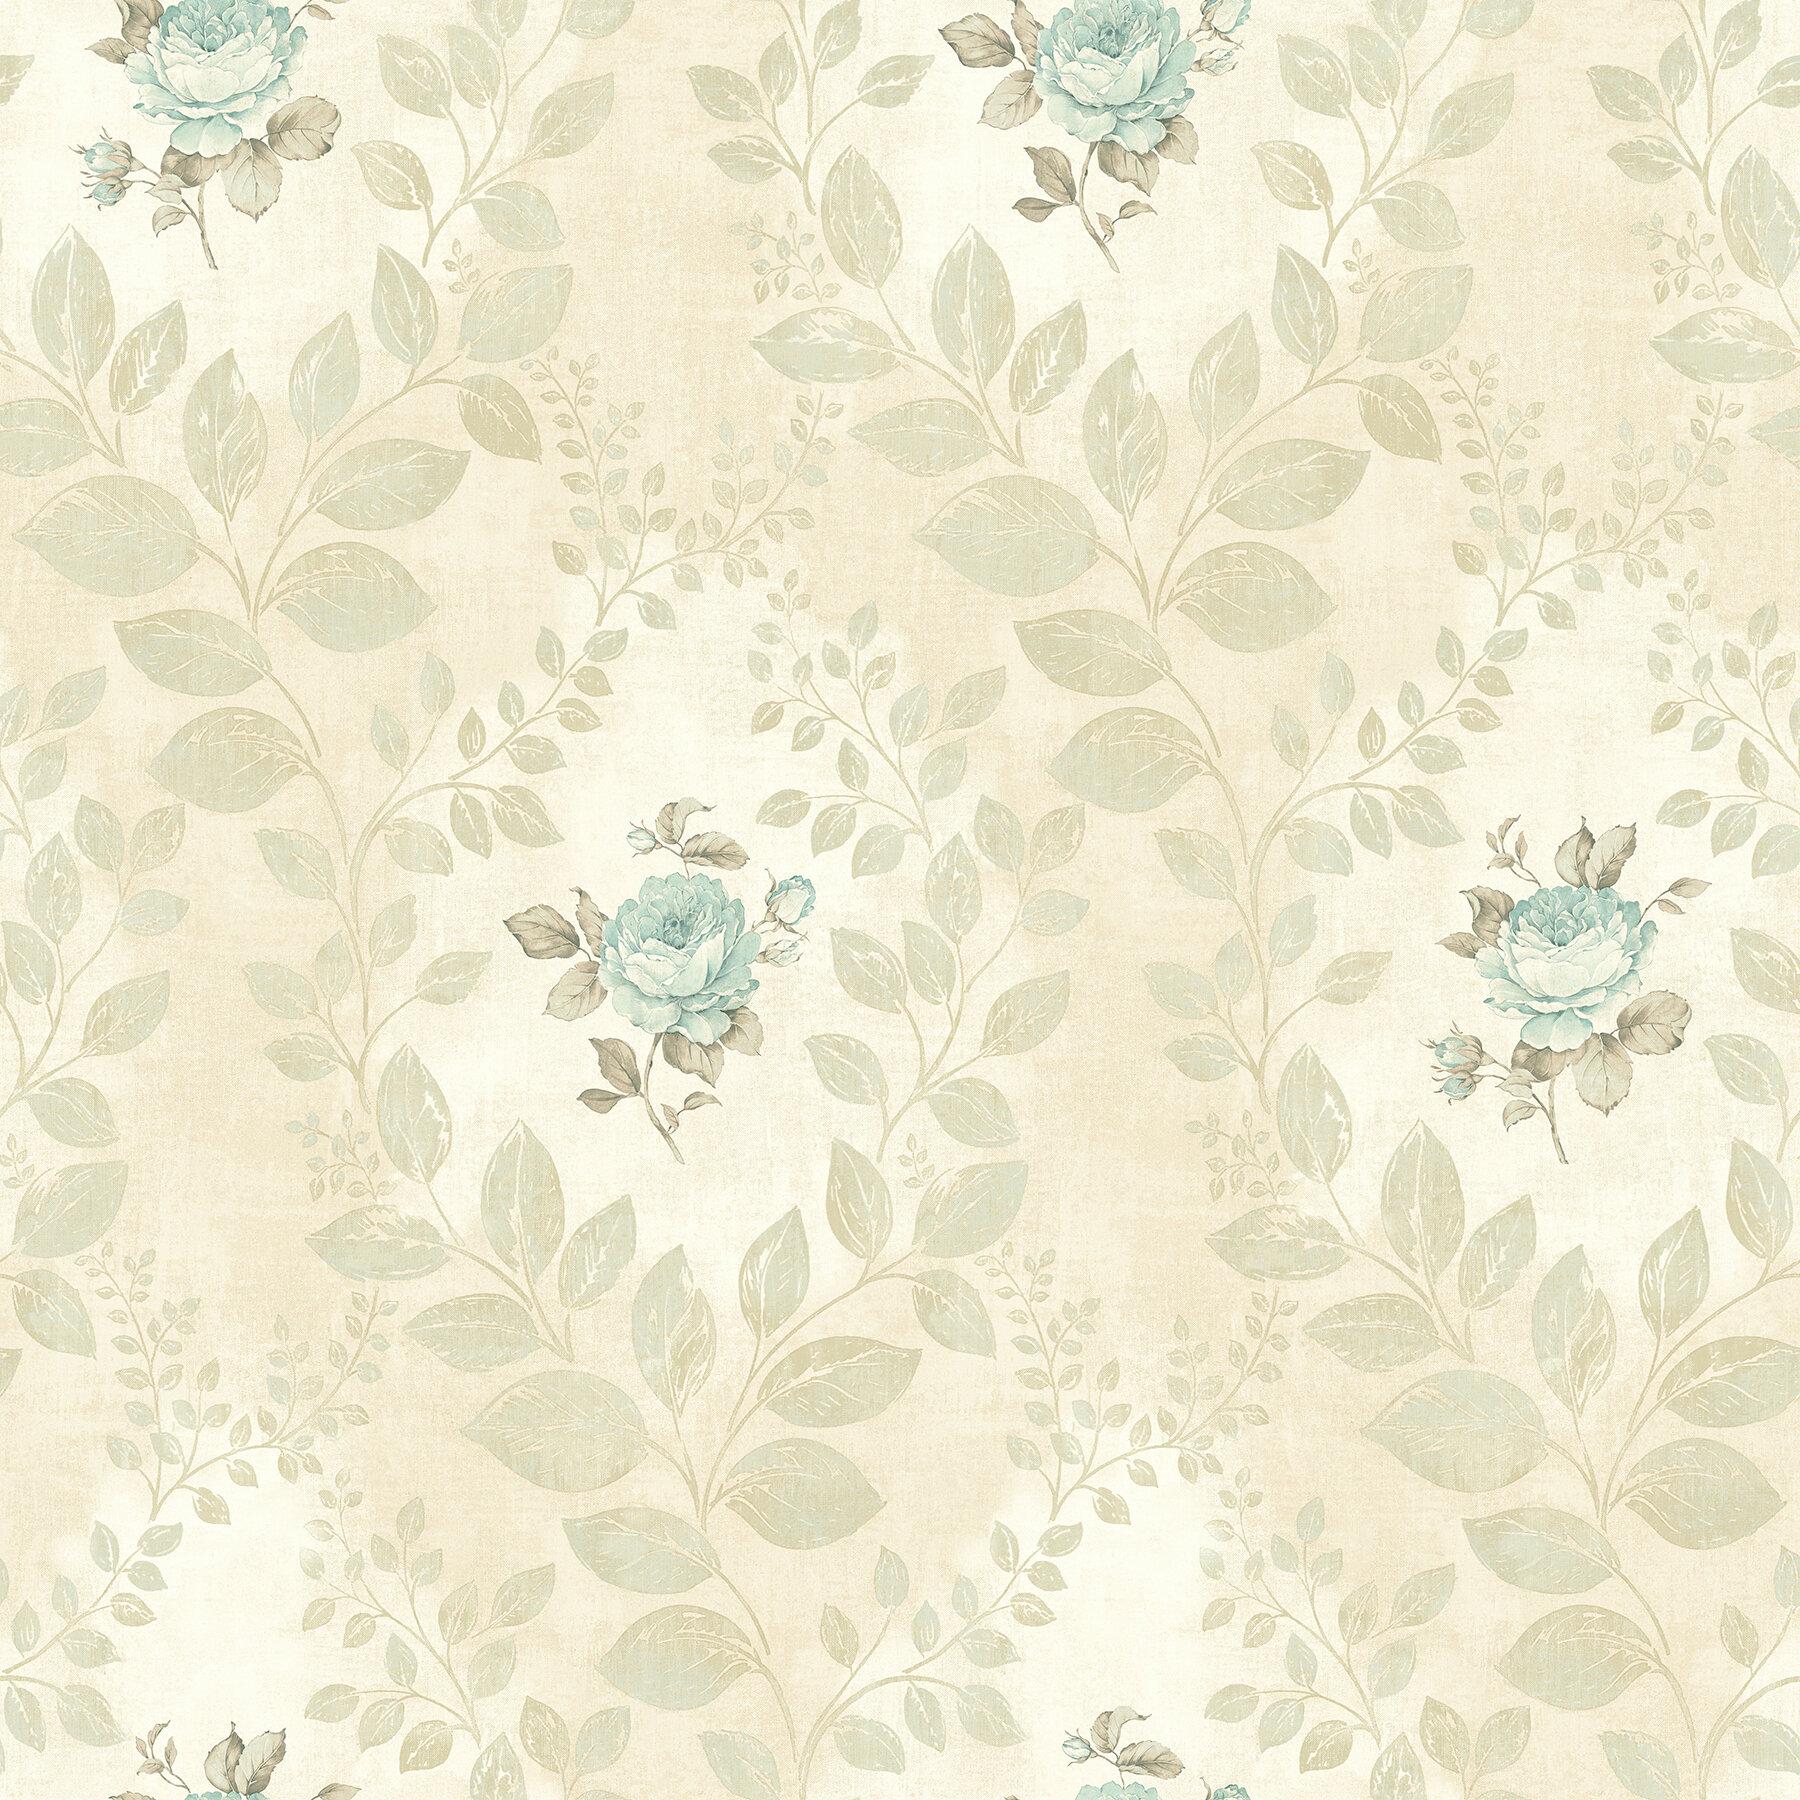 August Grove Caillat Rose 33 X 20 5 Floral Wallpaper Wayfair